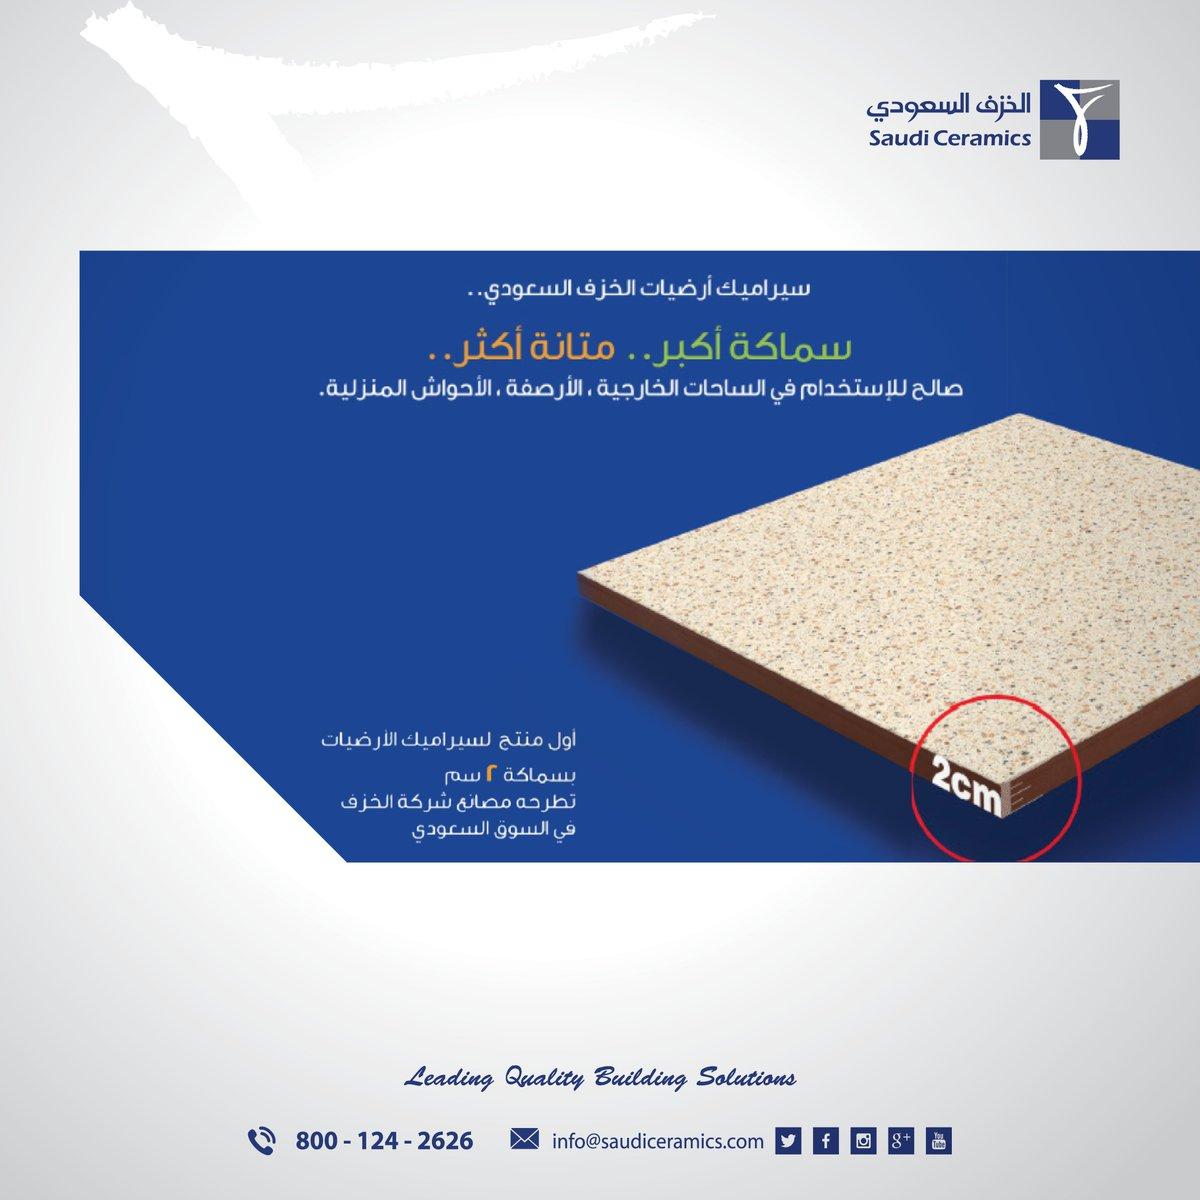 الخزف السعودي On Twitter يوفر الخزف السعودي بلاط سيراميك مصمم خصيصا للاستخدام الخارجي كالساحات الخارجية والأحواش المنزلية وبسماكة ٢ سم Https T Co Eqeir6hsj5